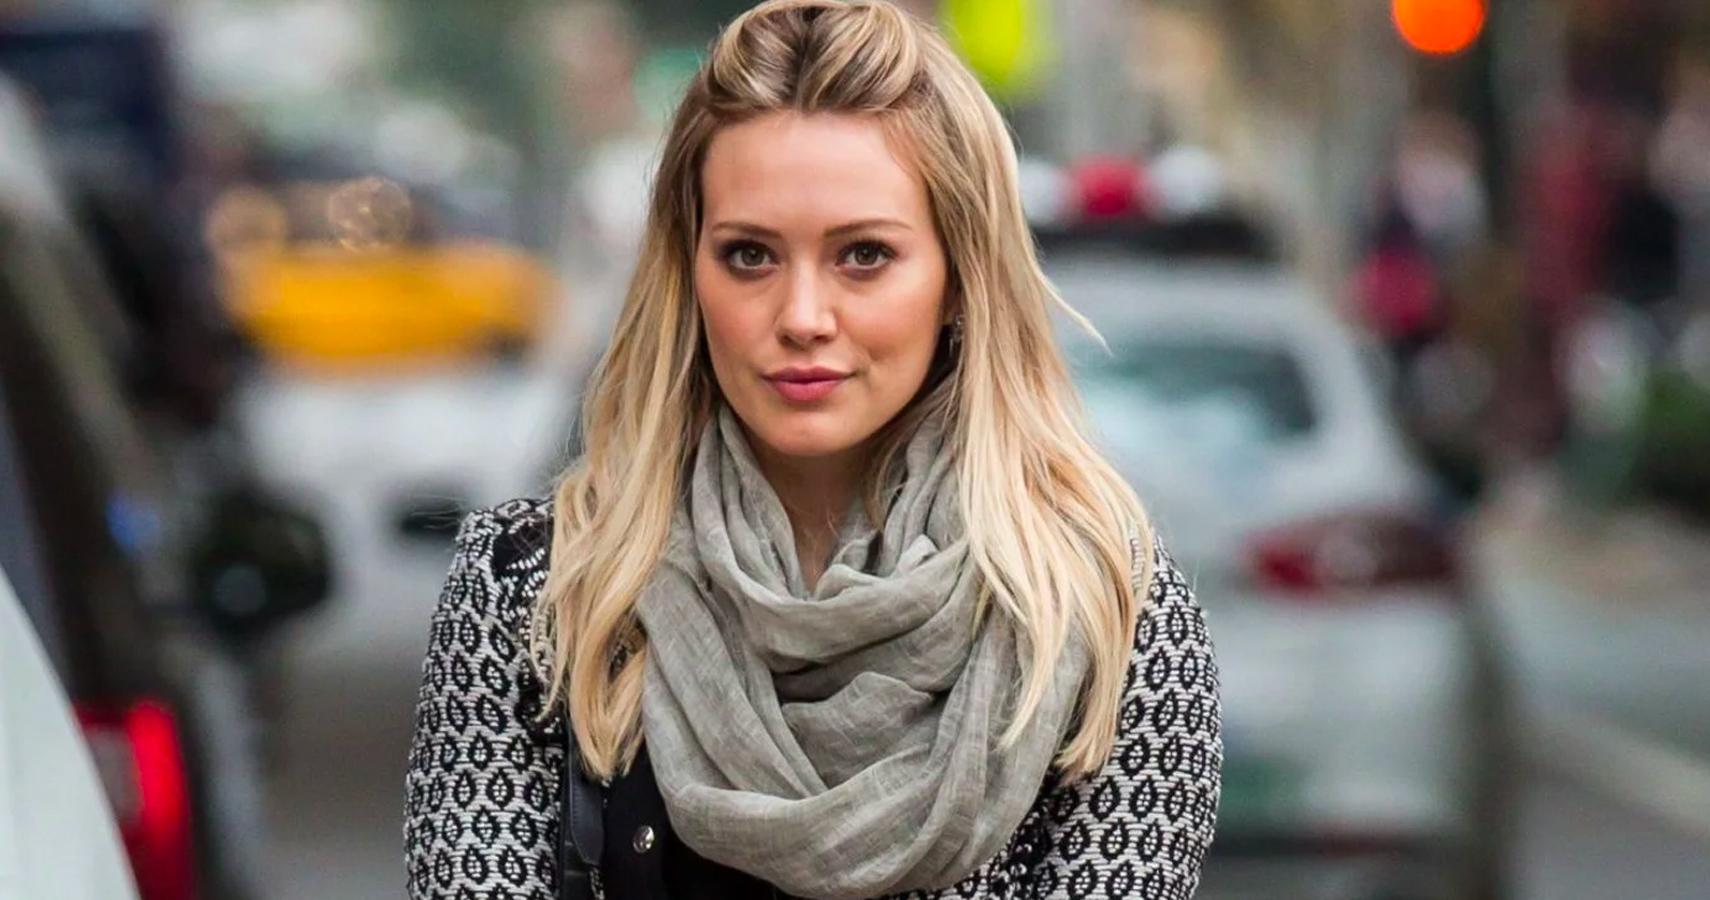 Hilary duff due date in Brisbane